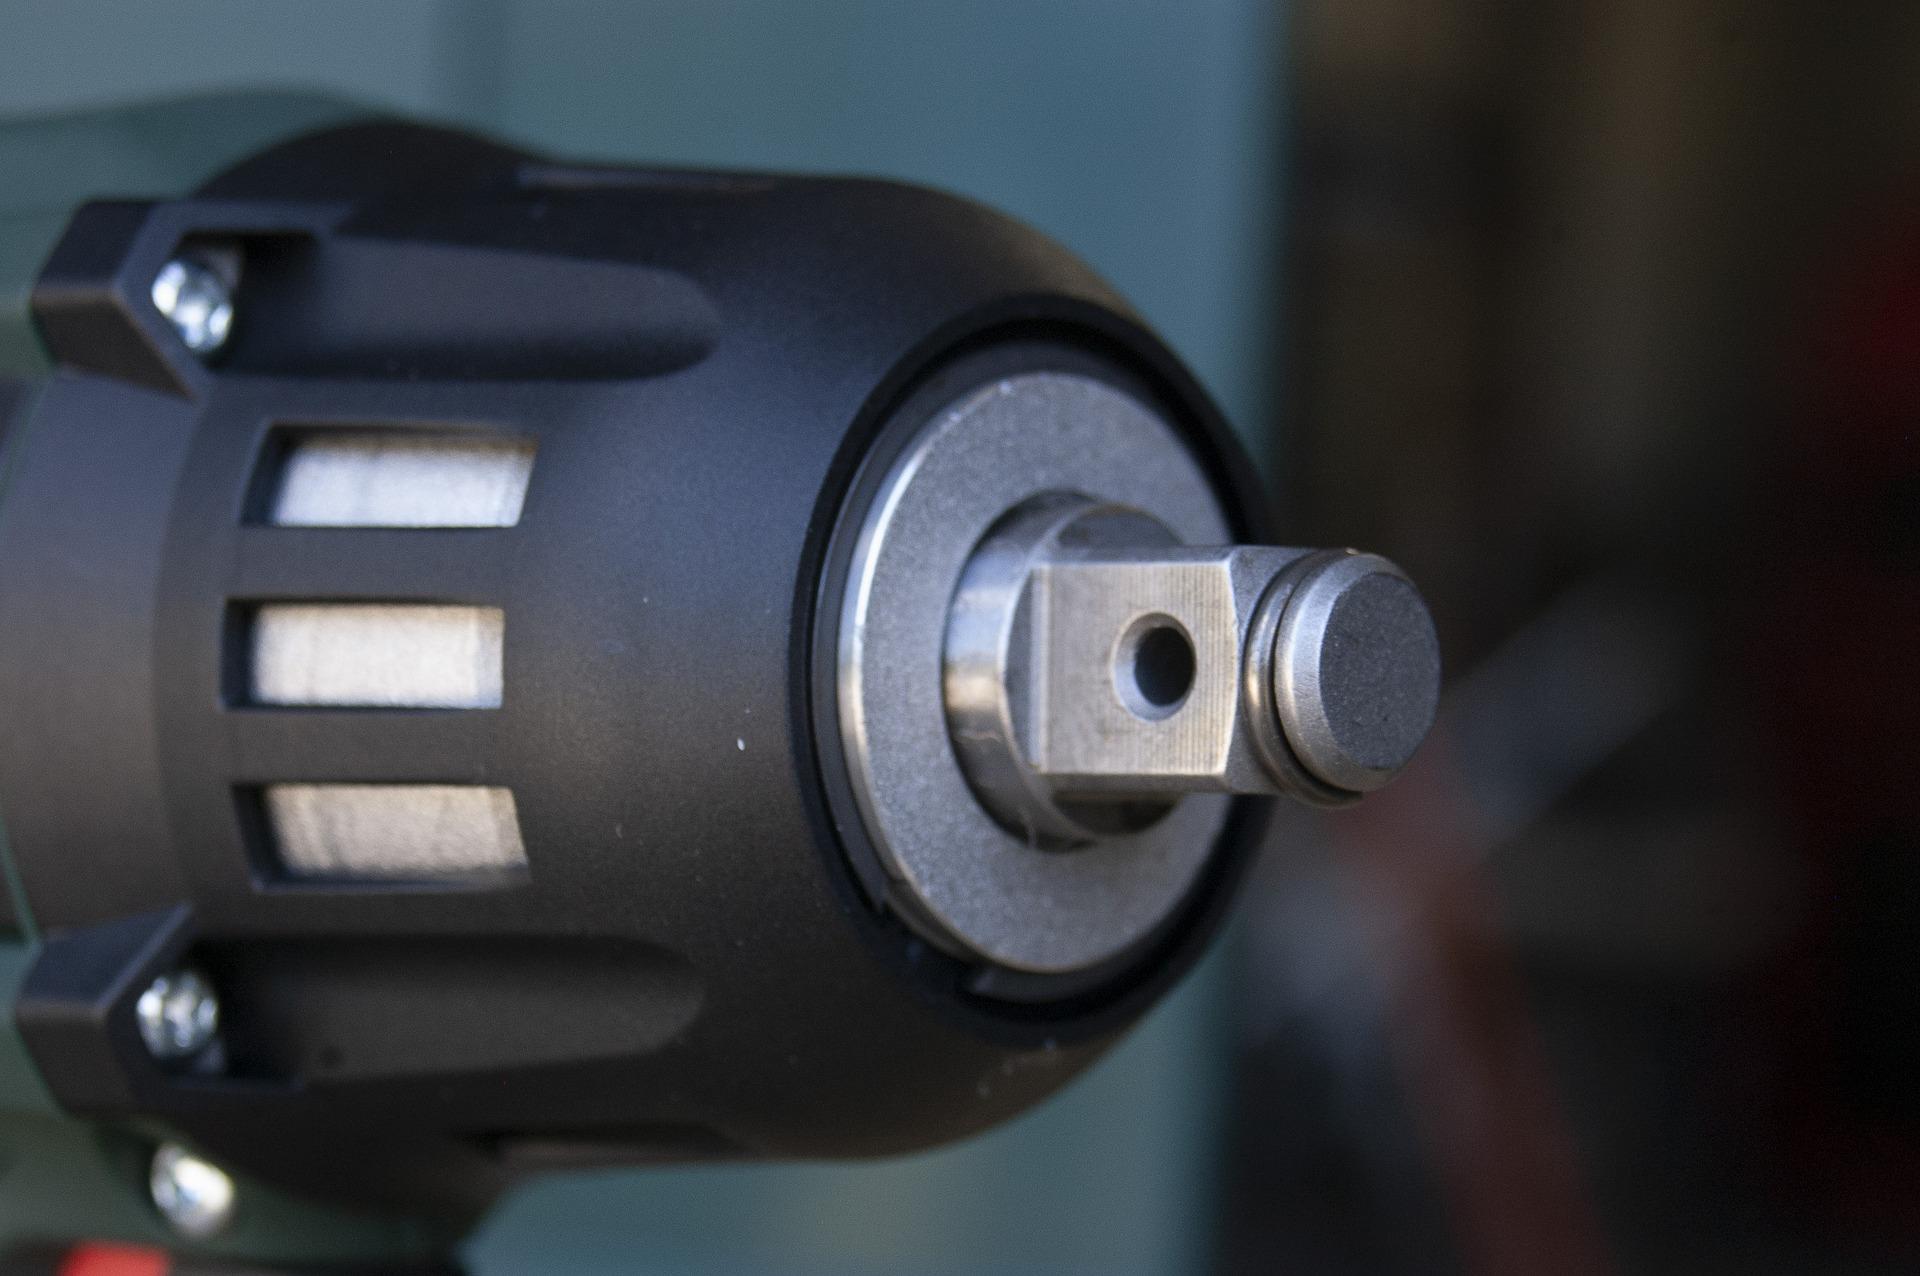 Clé à choc pneumatique: un outil pratique et efficace